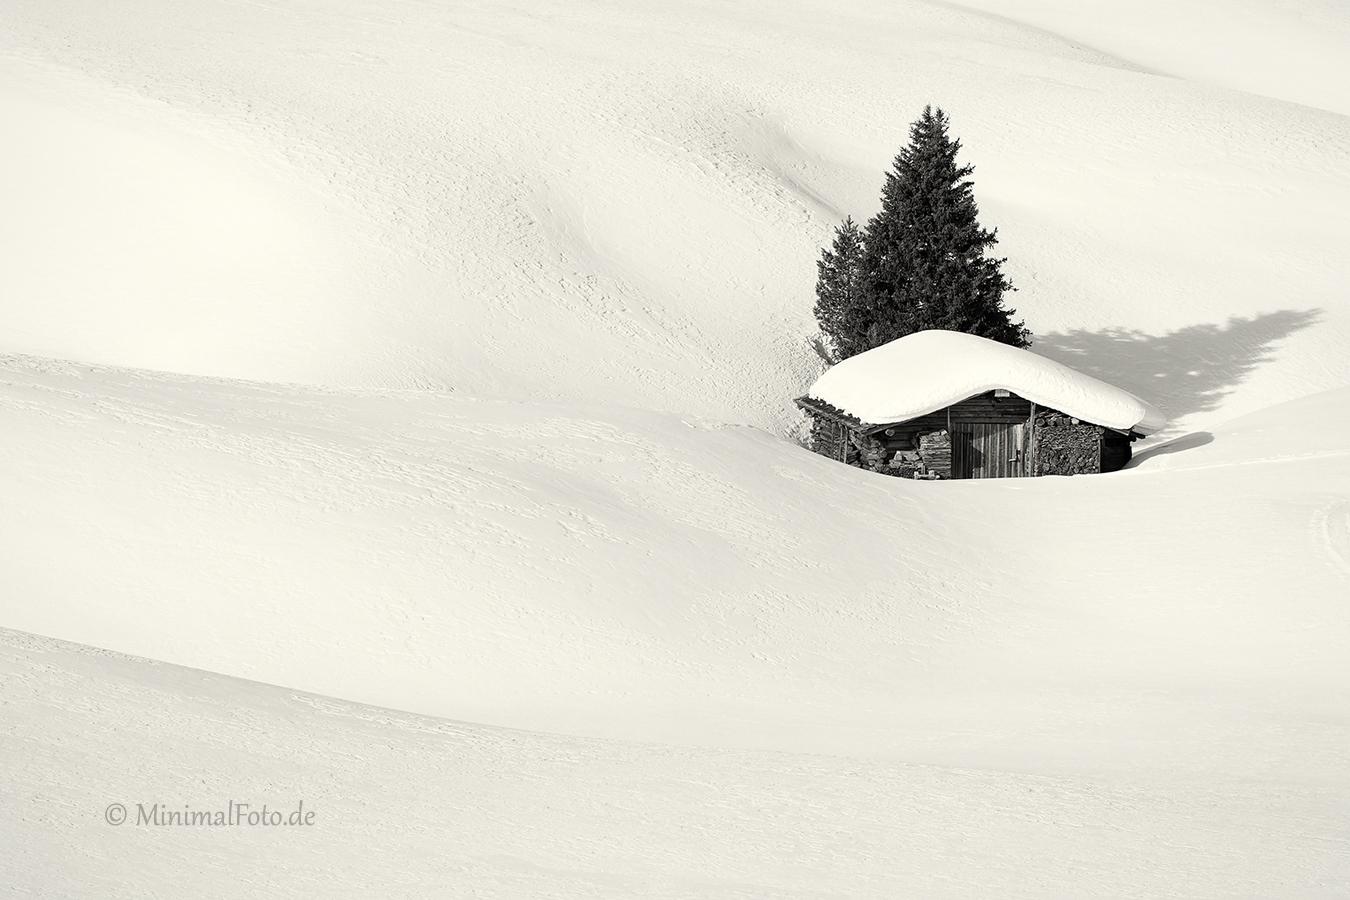 fir-tree-Baum-huette-schuppen-shade-hut-tanne-winter-snow-schnee-Landschaft-landscape-Minimalismus-minimalistisch-minimalistic-black-white-schwarz-weiss-Italien-B_MG_2219-sw